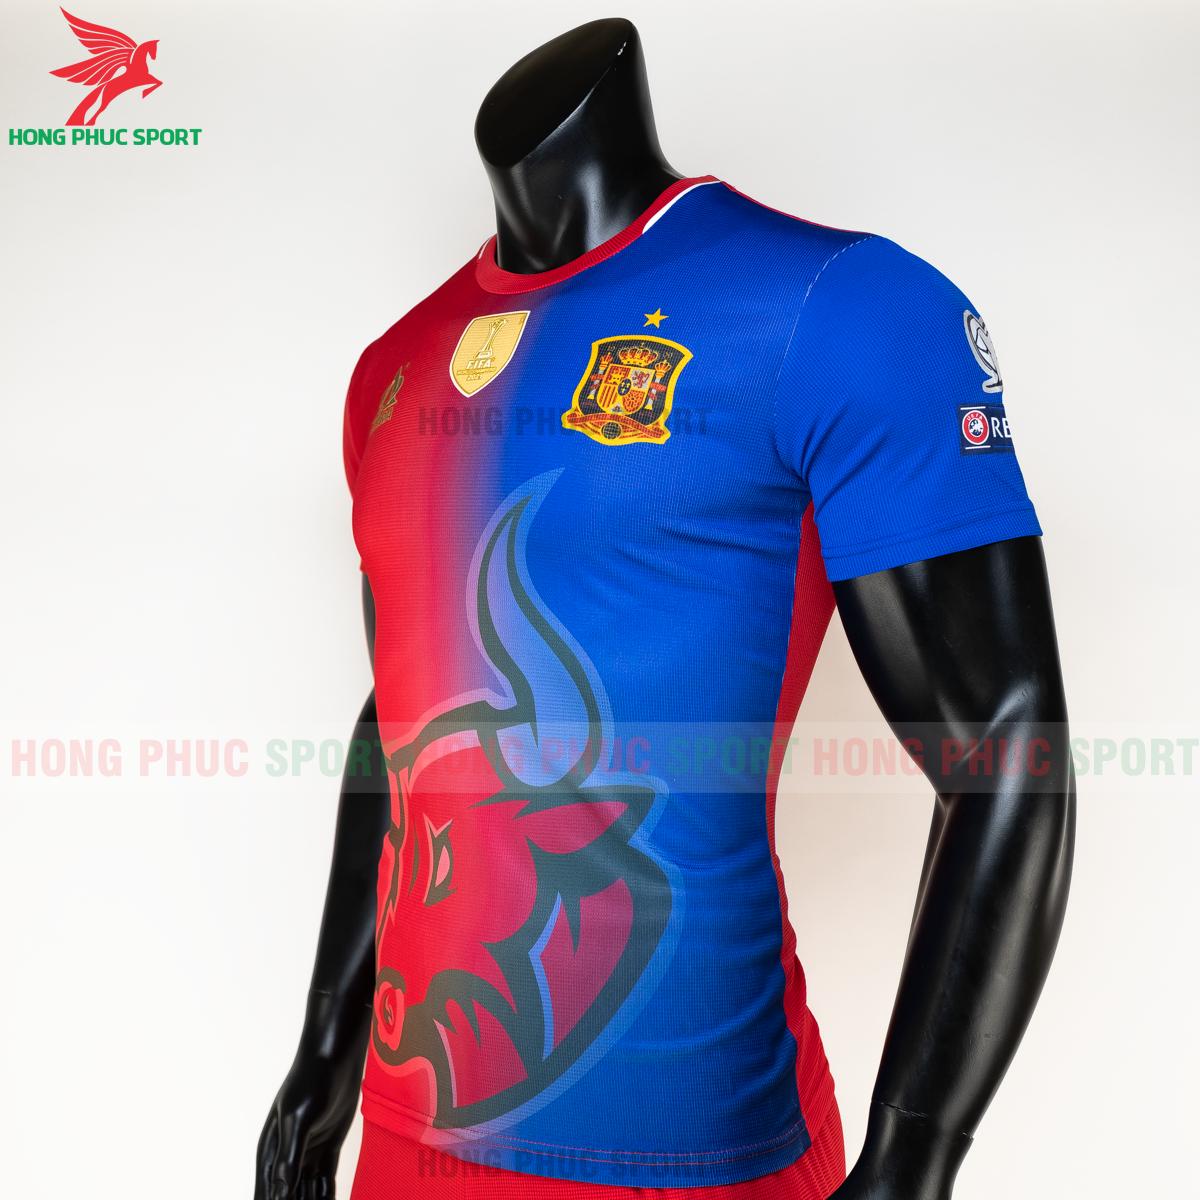 https://cdn.hongphucsport.com/unsafe/s4.shopbay.vn/files/285/ao-tuyen-tay-ban-nha-hang-det-phien-ban-fan-acrra-5-5fa1019111e46.png